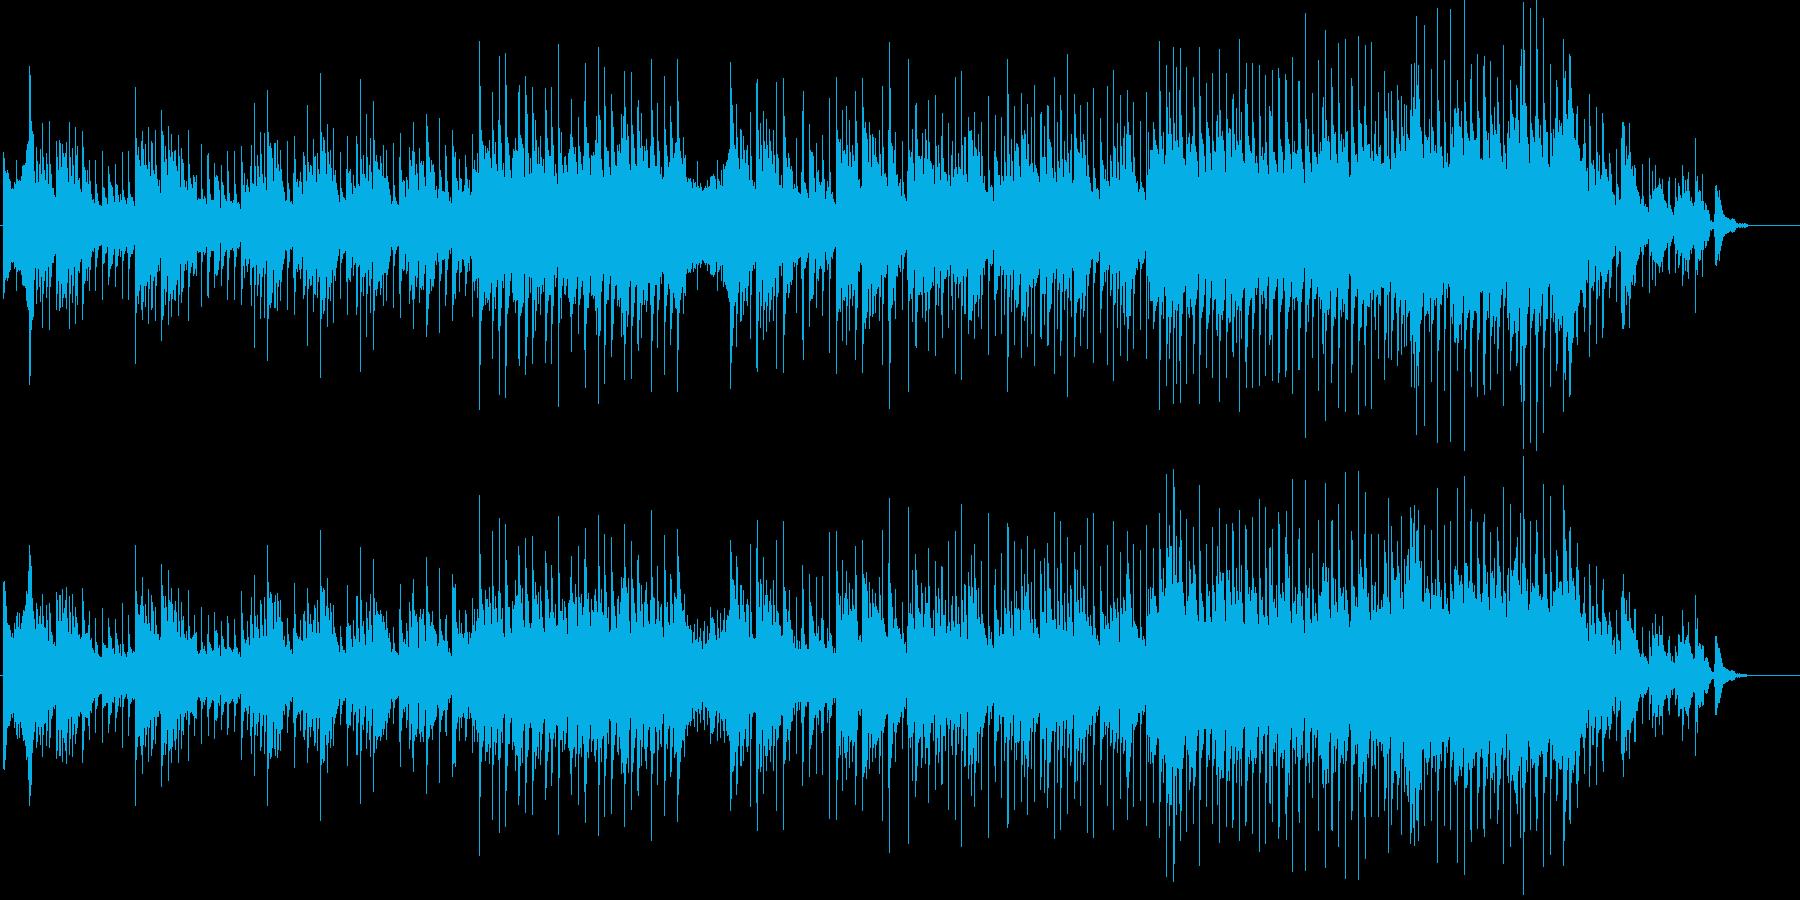 エモーショナルなスロー・バラードの再生済みの波形